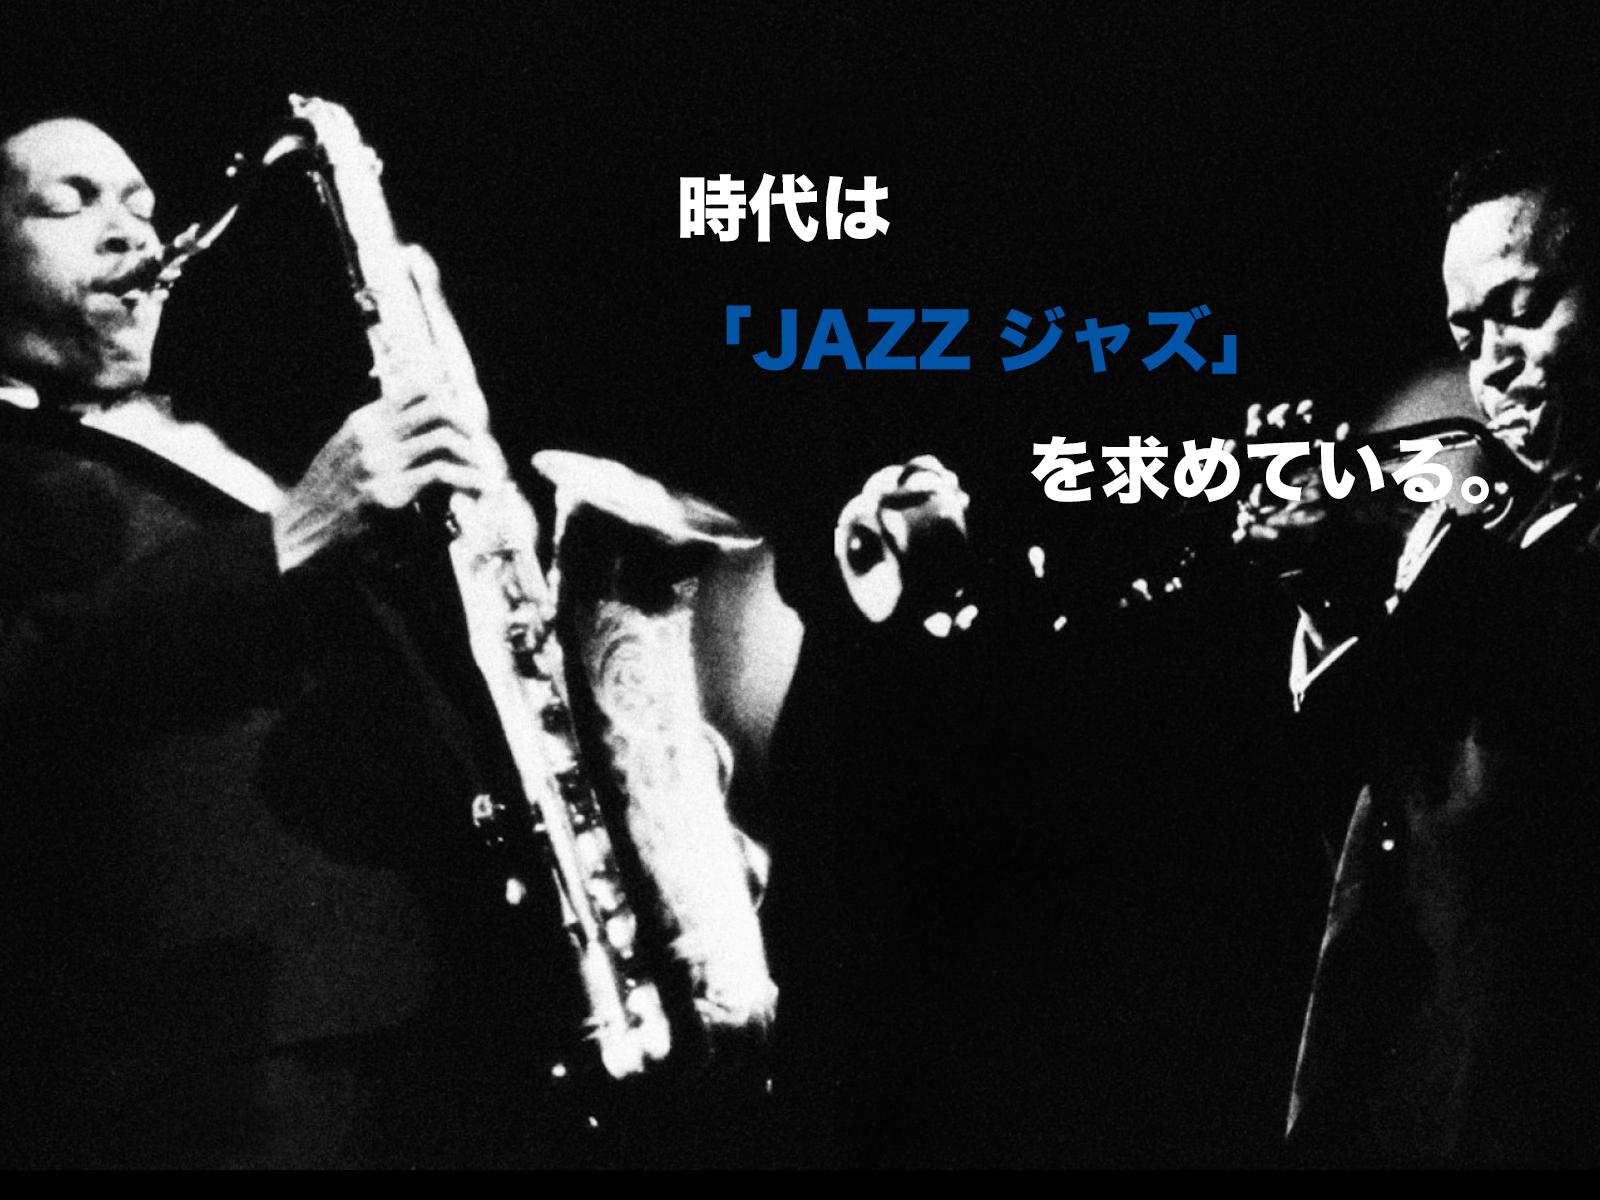 時代はジャズを求めている。ニュージャズがいま熱い!